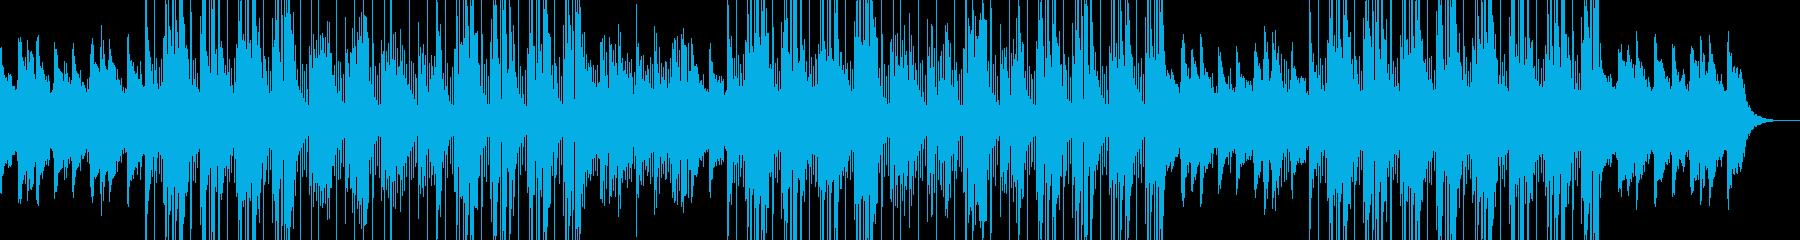 ダークな洋楽トラップビートの再生済みの波形